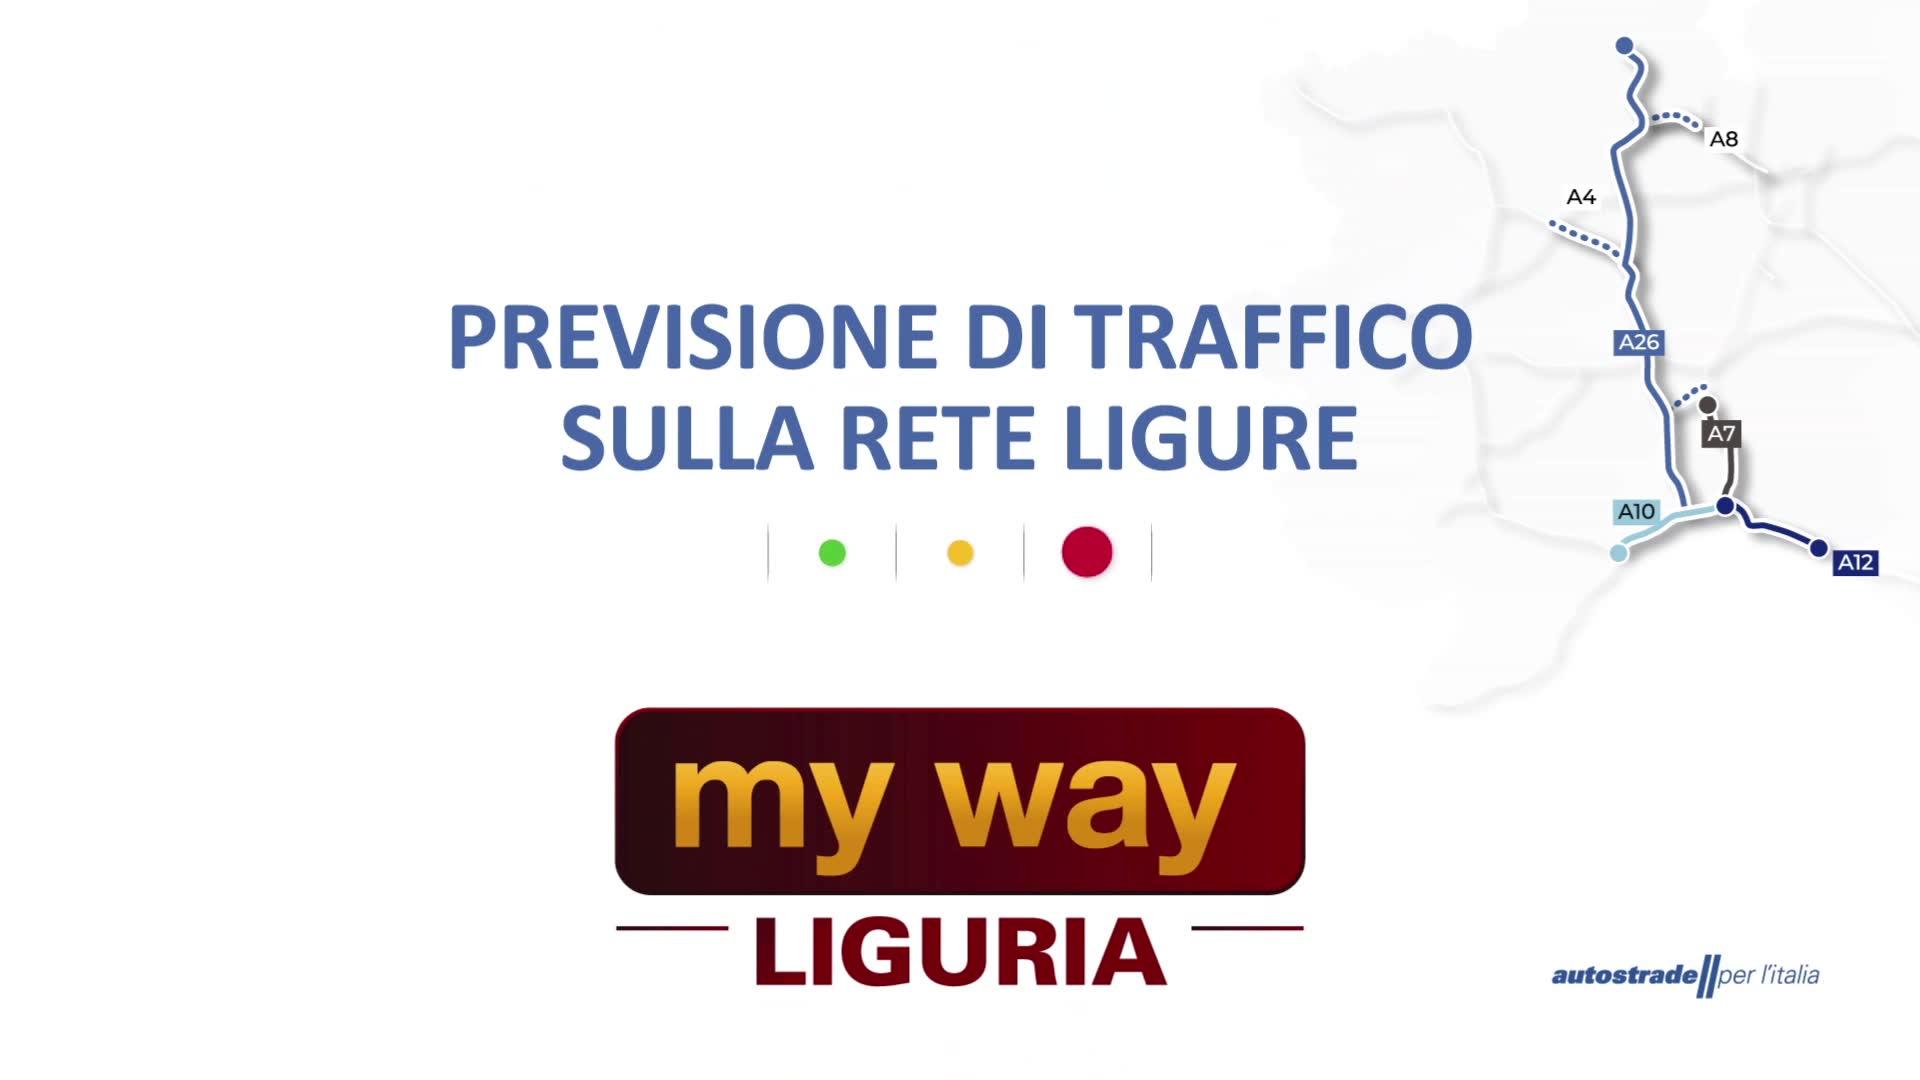 Le previsioni del traffico sulla rete autostradale della Liguria per la giornata di martedì 13 aprile